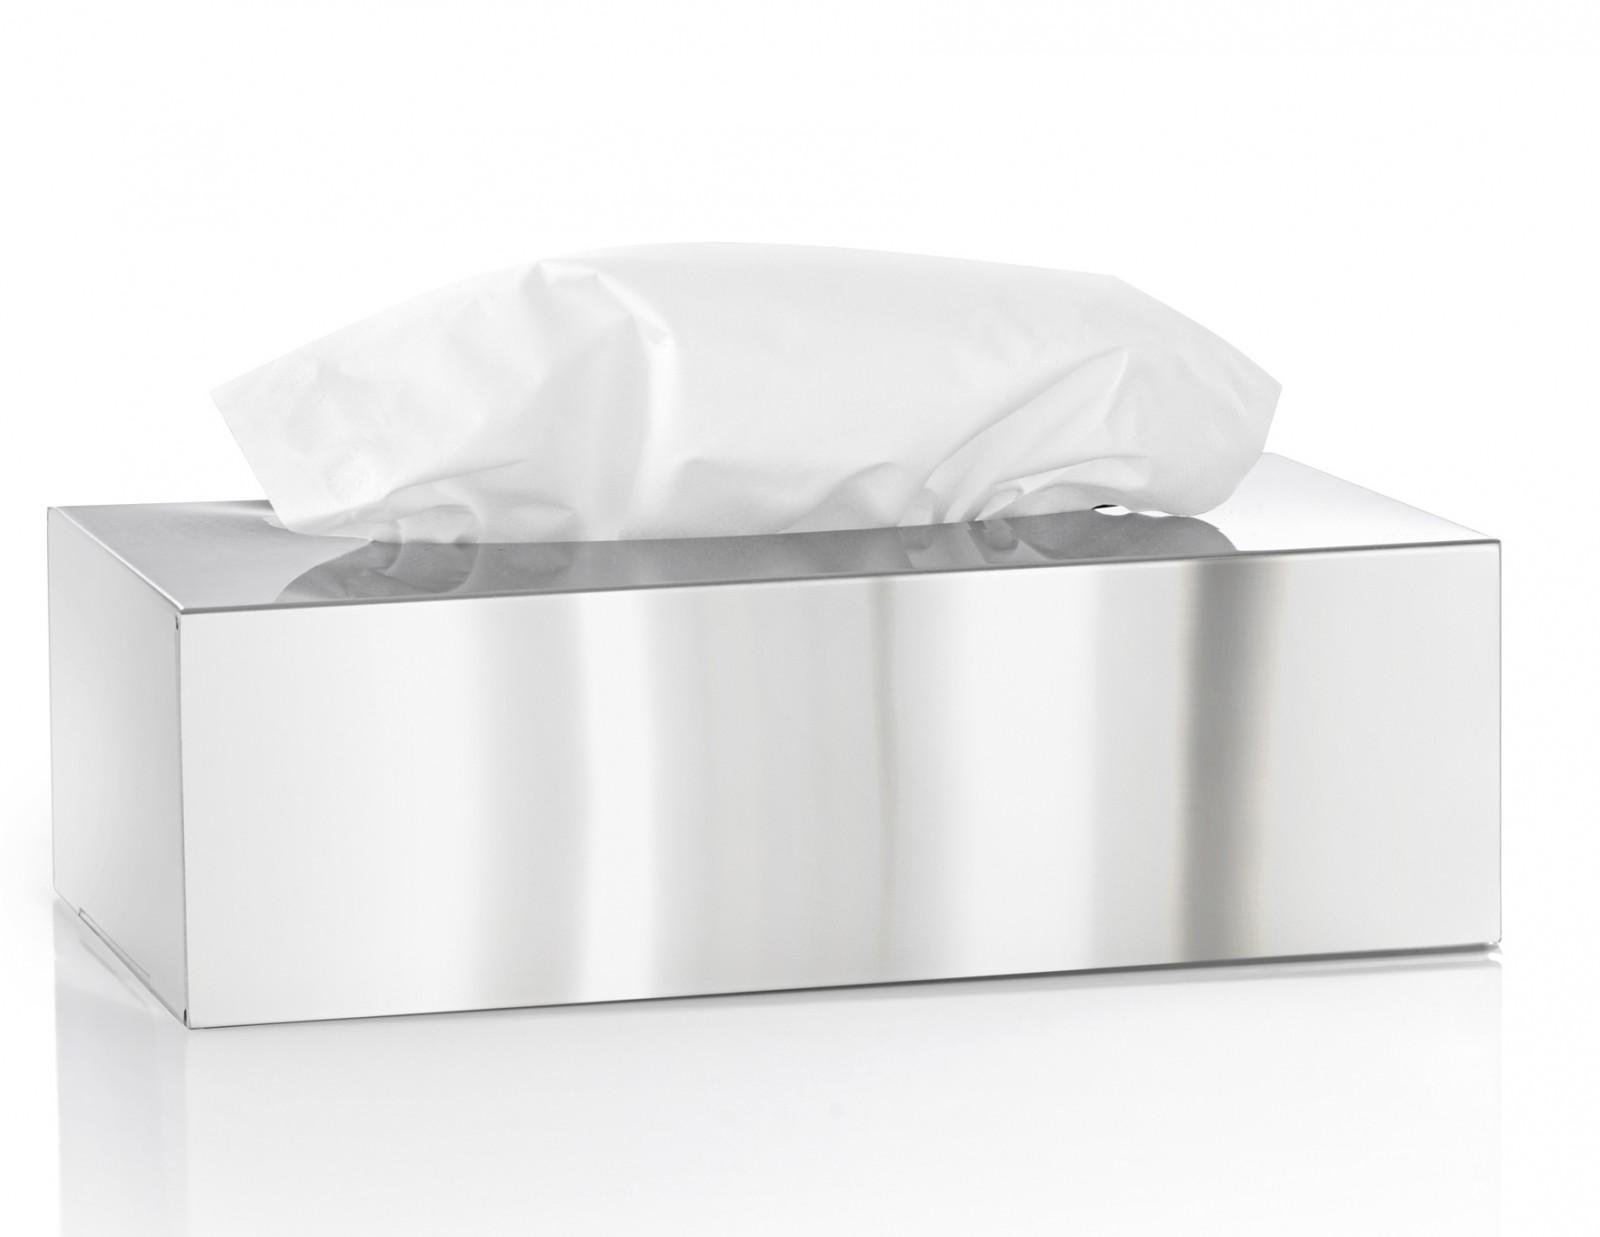 edelstahl poliert kosmetikt cherbox nexio kosmetiktuchbox von blomus 66660 bad bad edelstahl. Black Bedroom Furniture Sets. Home Design Ideas